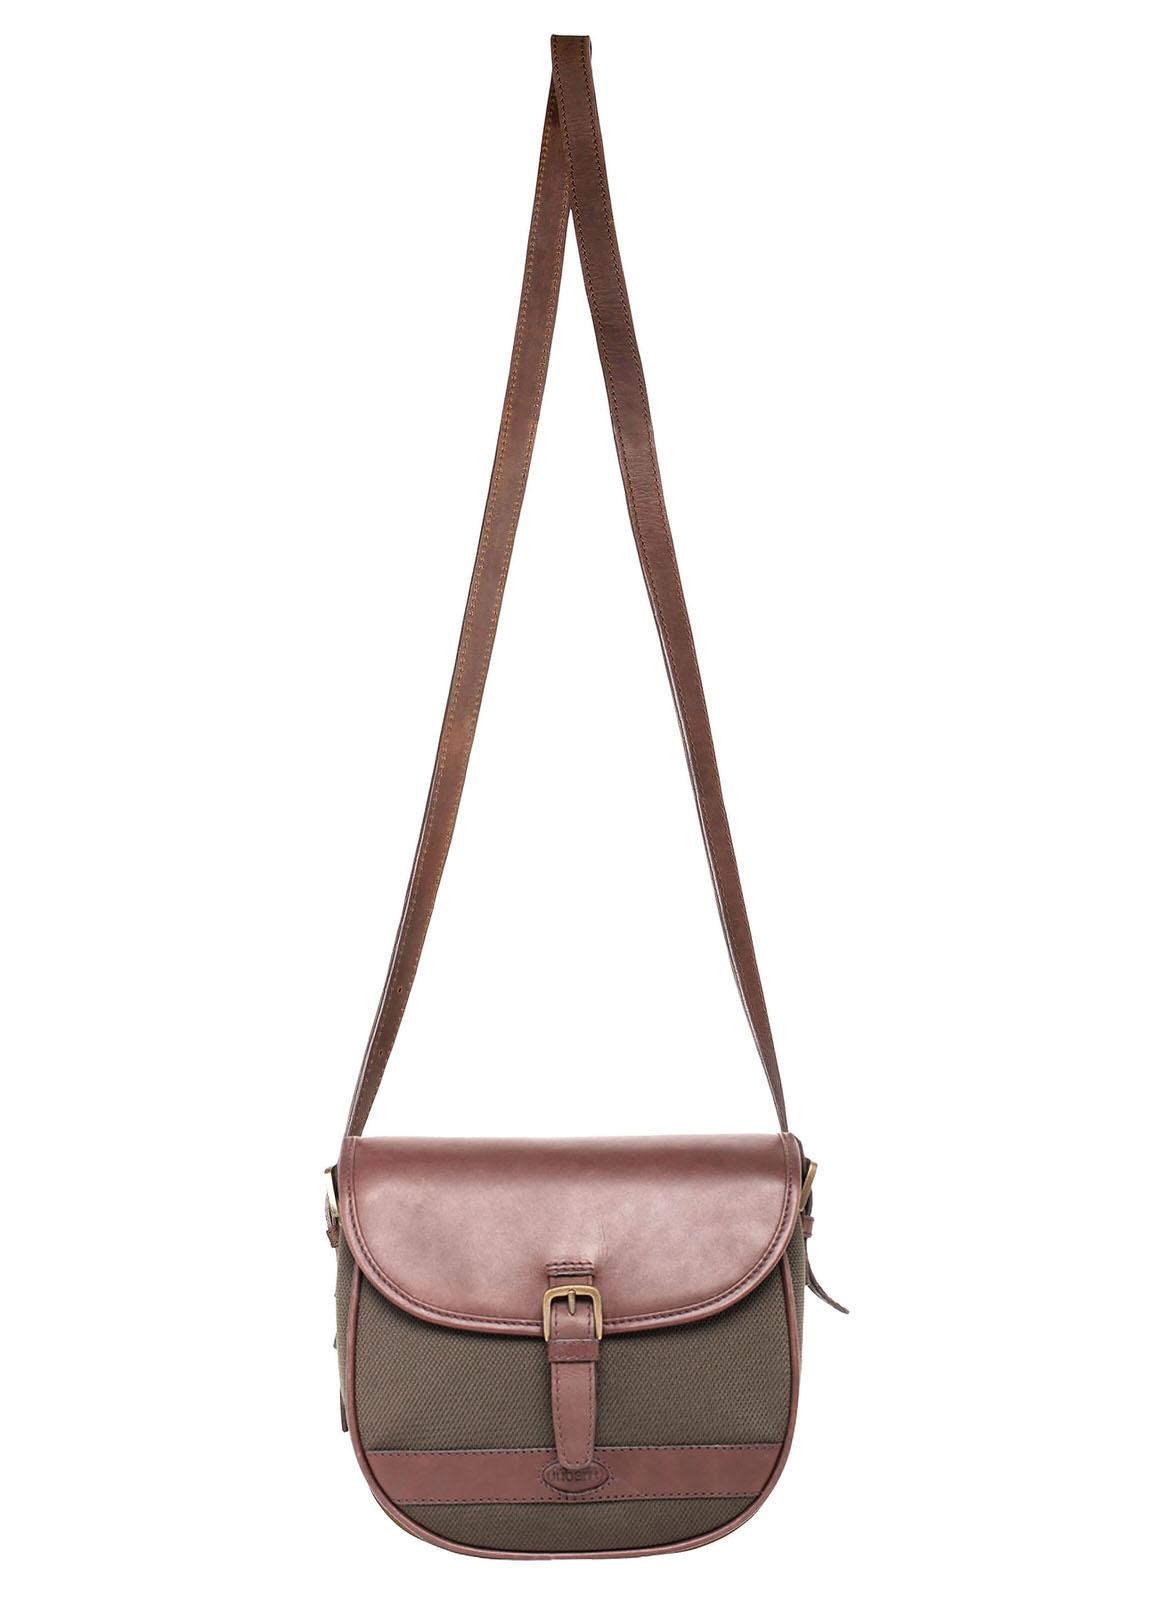 Clara_Leather_Saddle_bag_Olive_Image_1